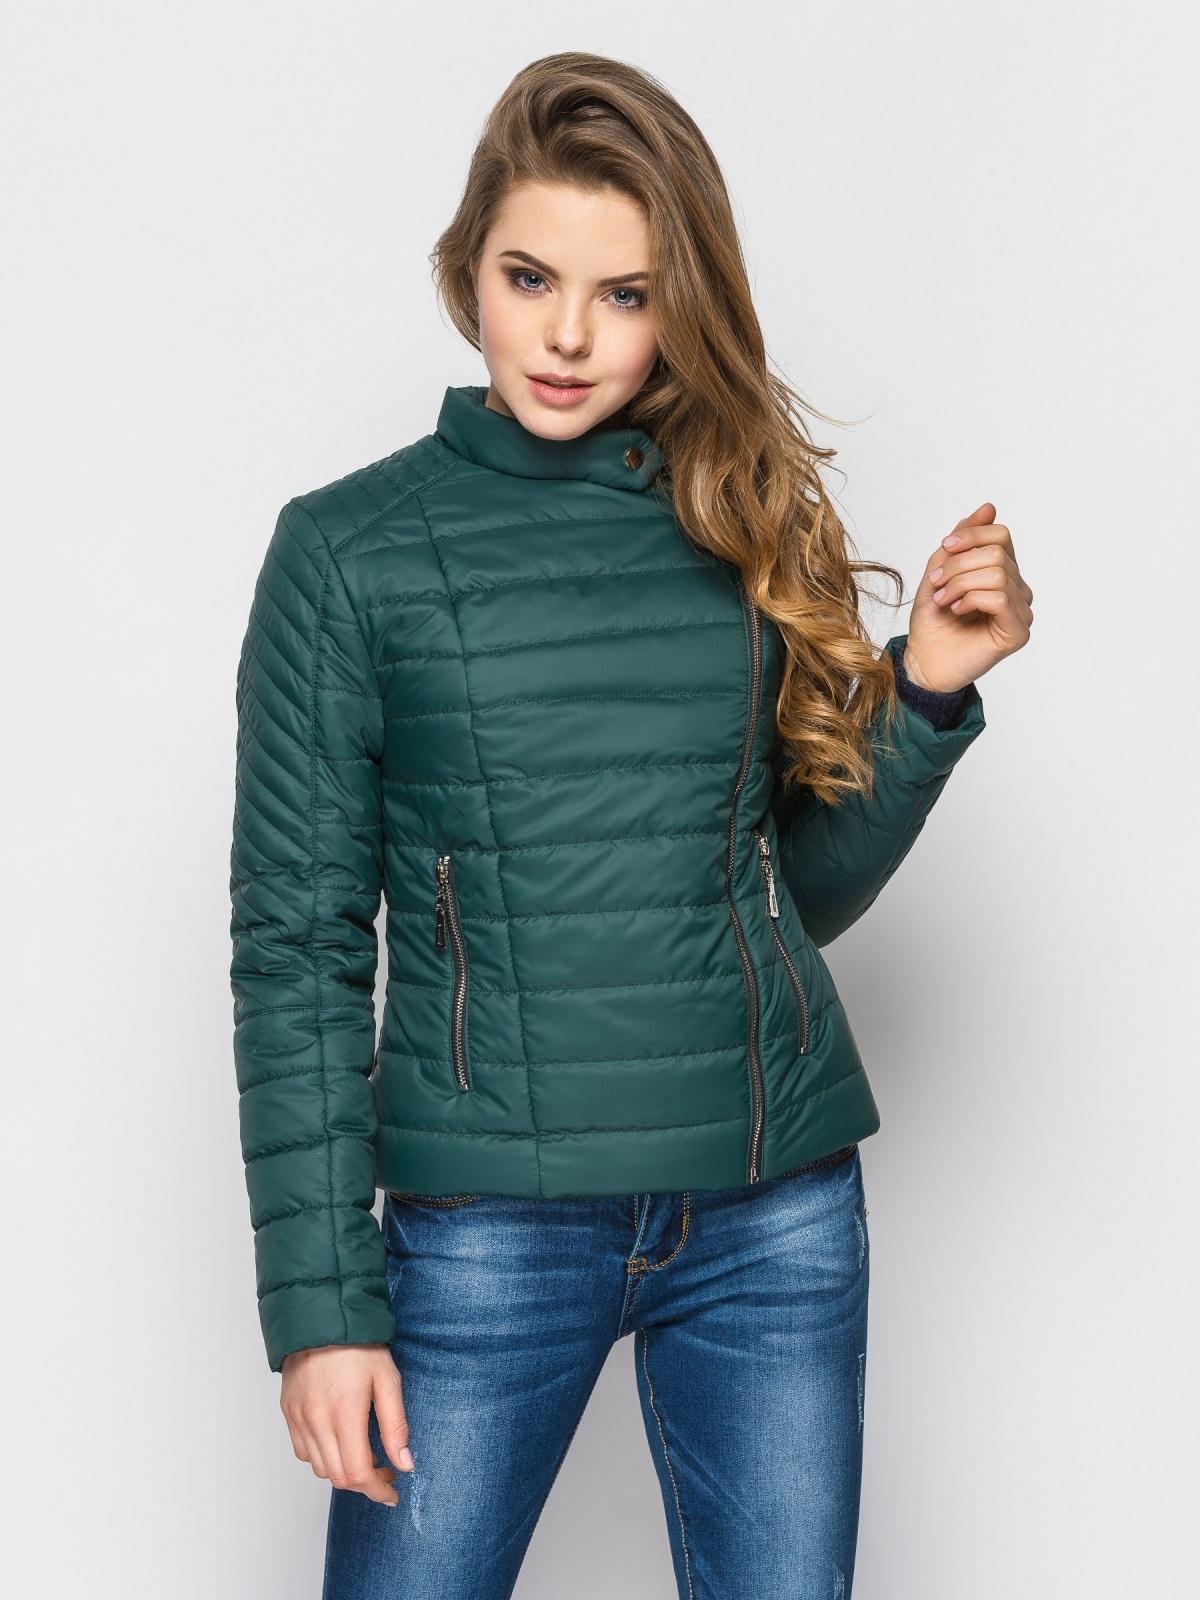 Зелёная куртка со смещенной молнией на полочке - 12949, фото 1 – интернет-магазин Dressa